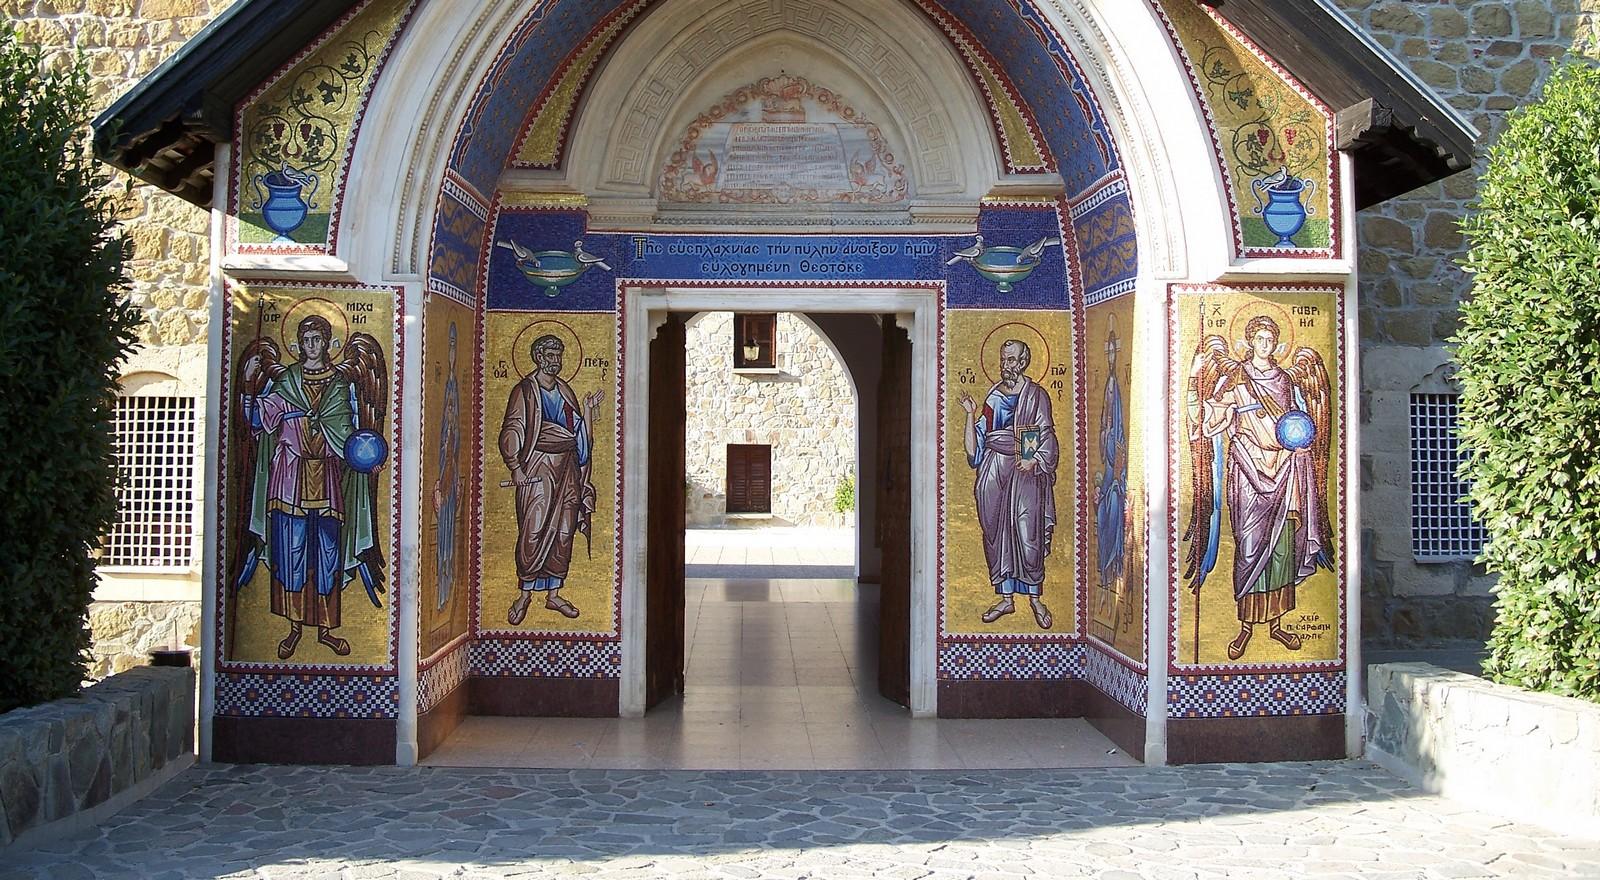 Madre de Dios de la Misericordia de Kykkos, Hecha con Madera del Árbol de la Vida, Chipre (25 nov)